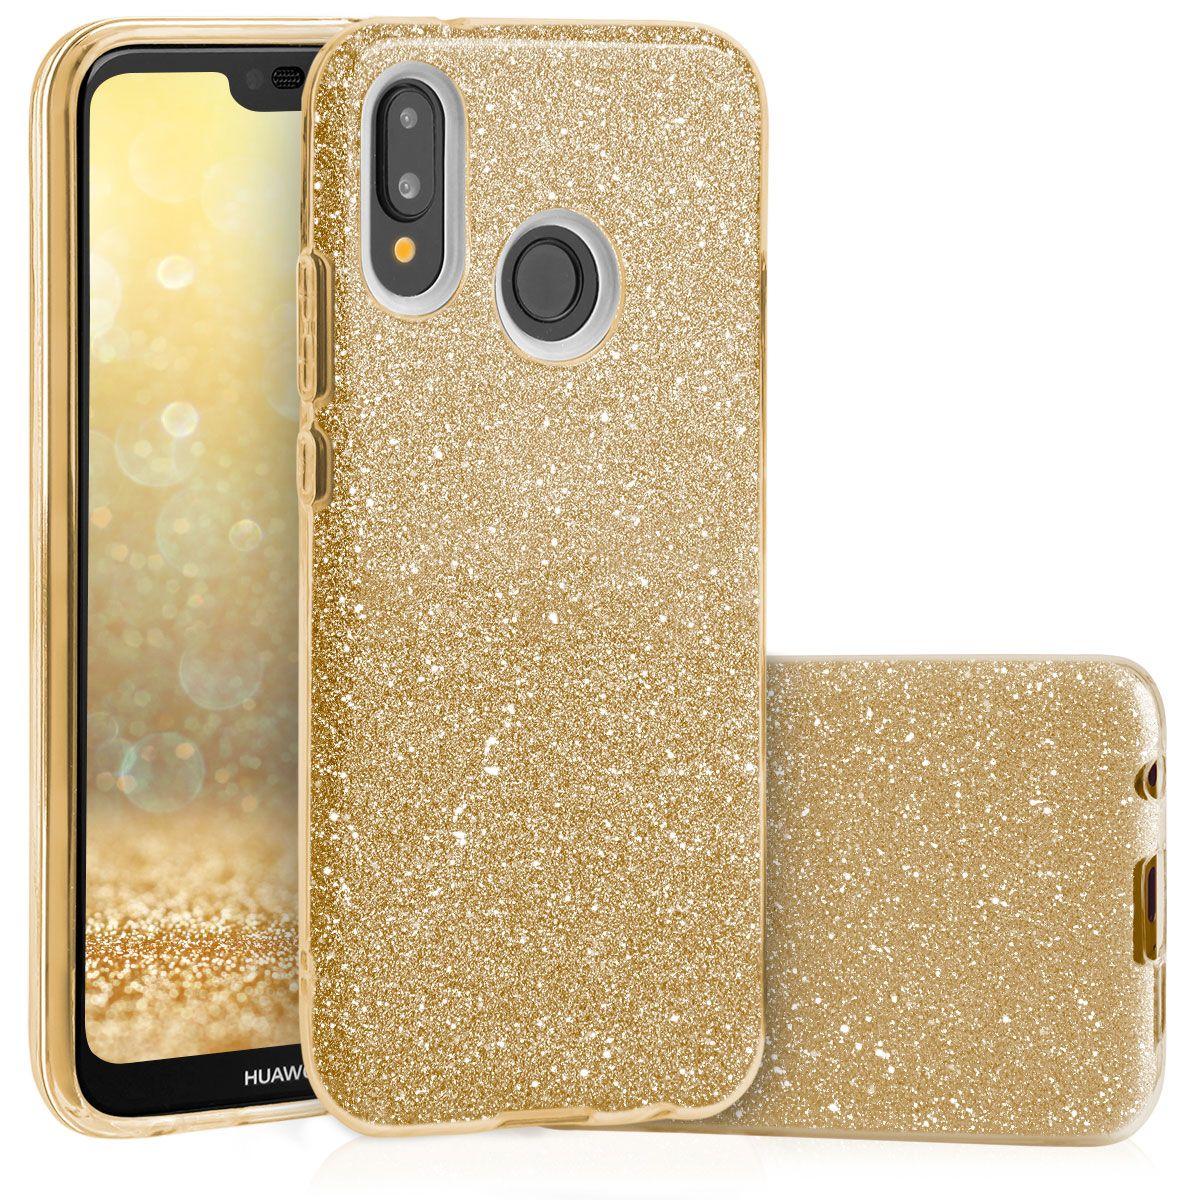 Pouzdro Blink Case pro Huawei Y7 2019 - zlaté